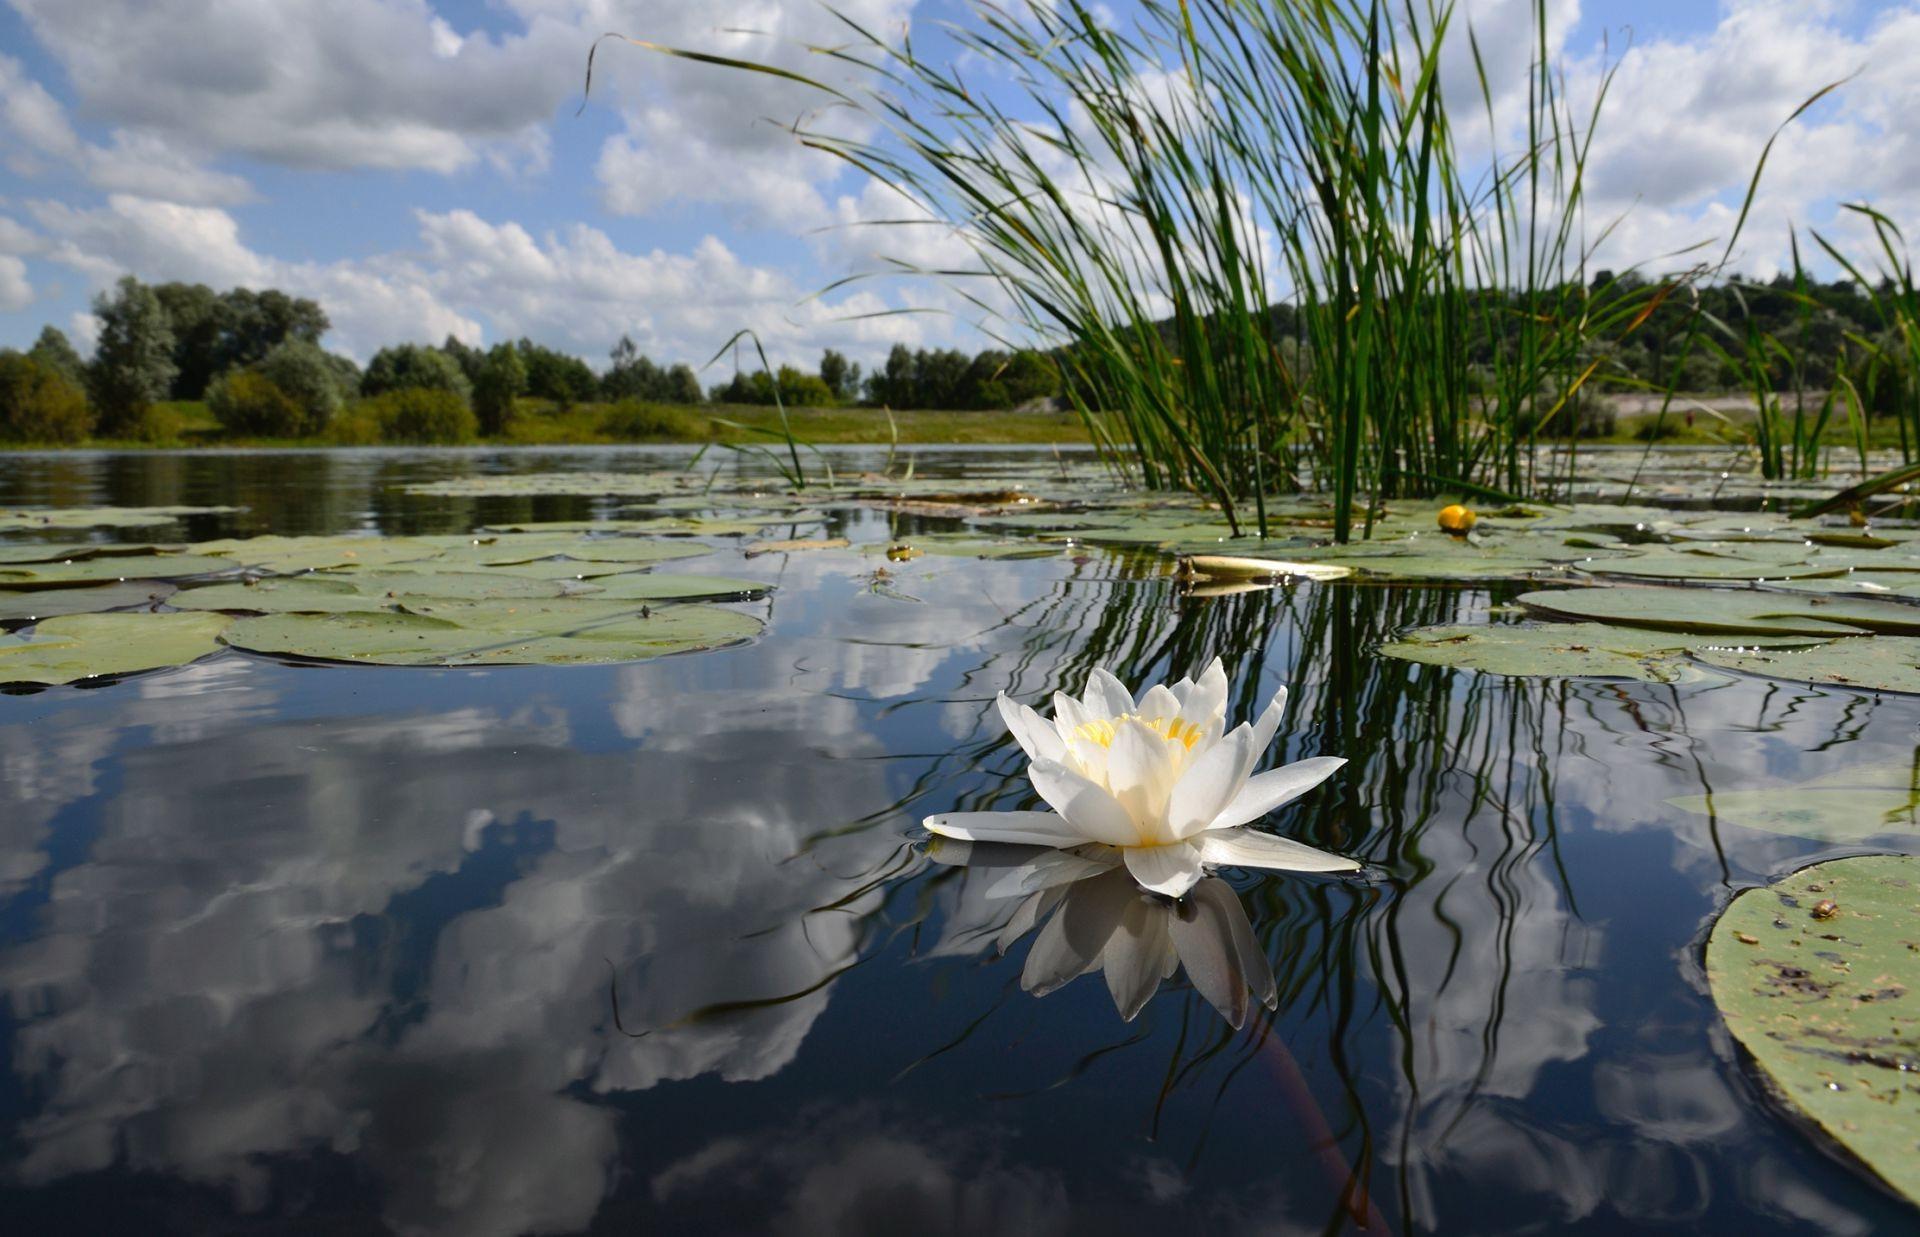 обои на рабочий стол лето вода природа цветы системы препятствуют попаданию